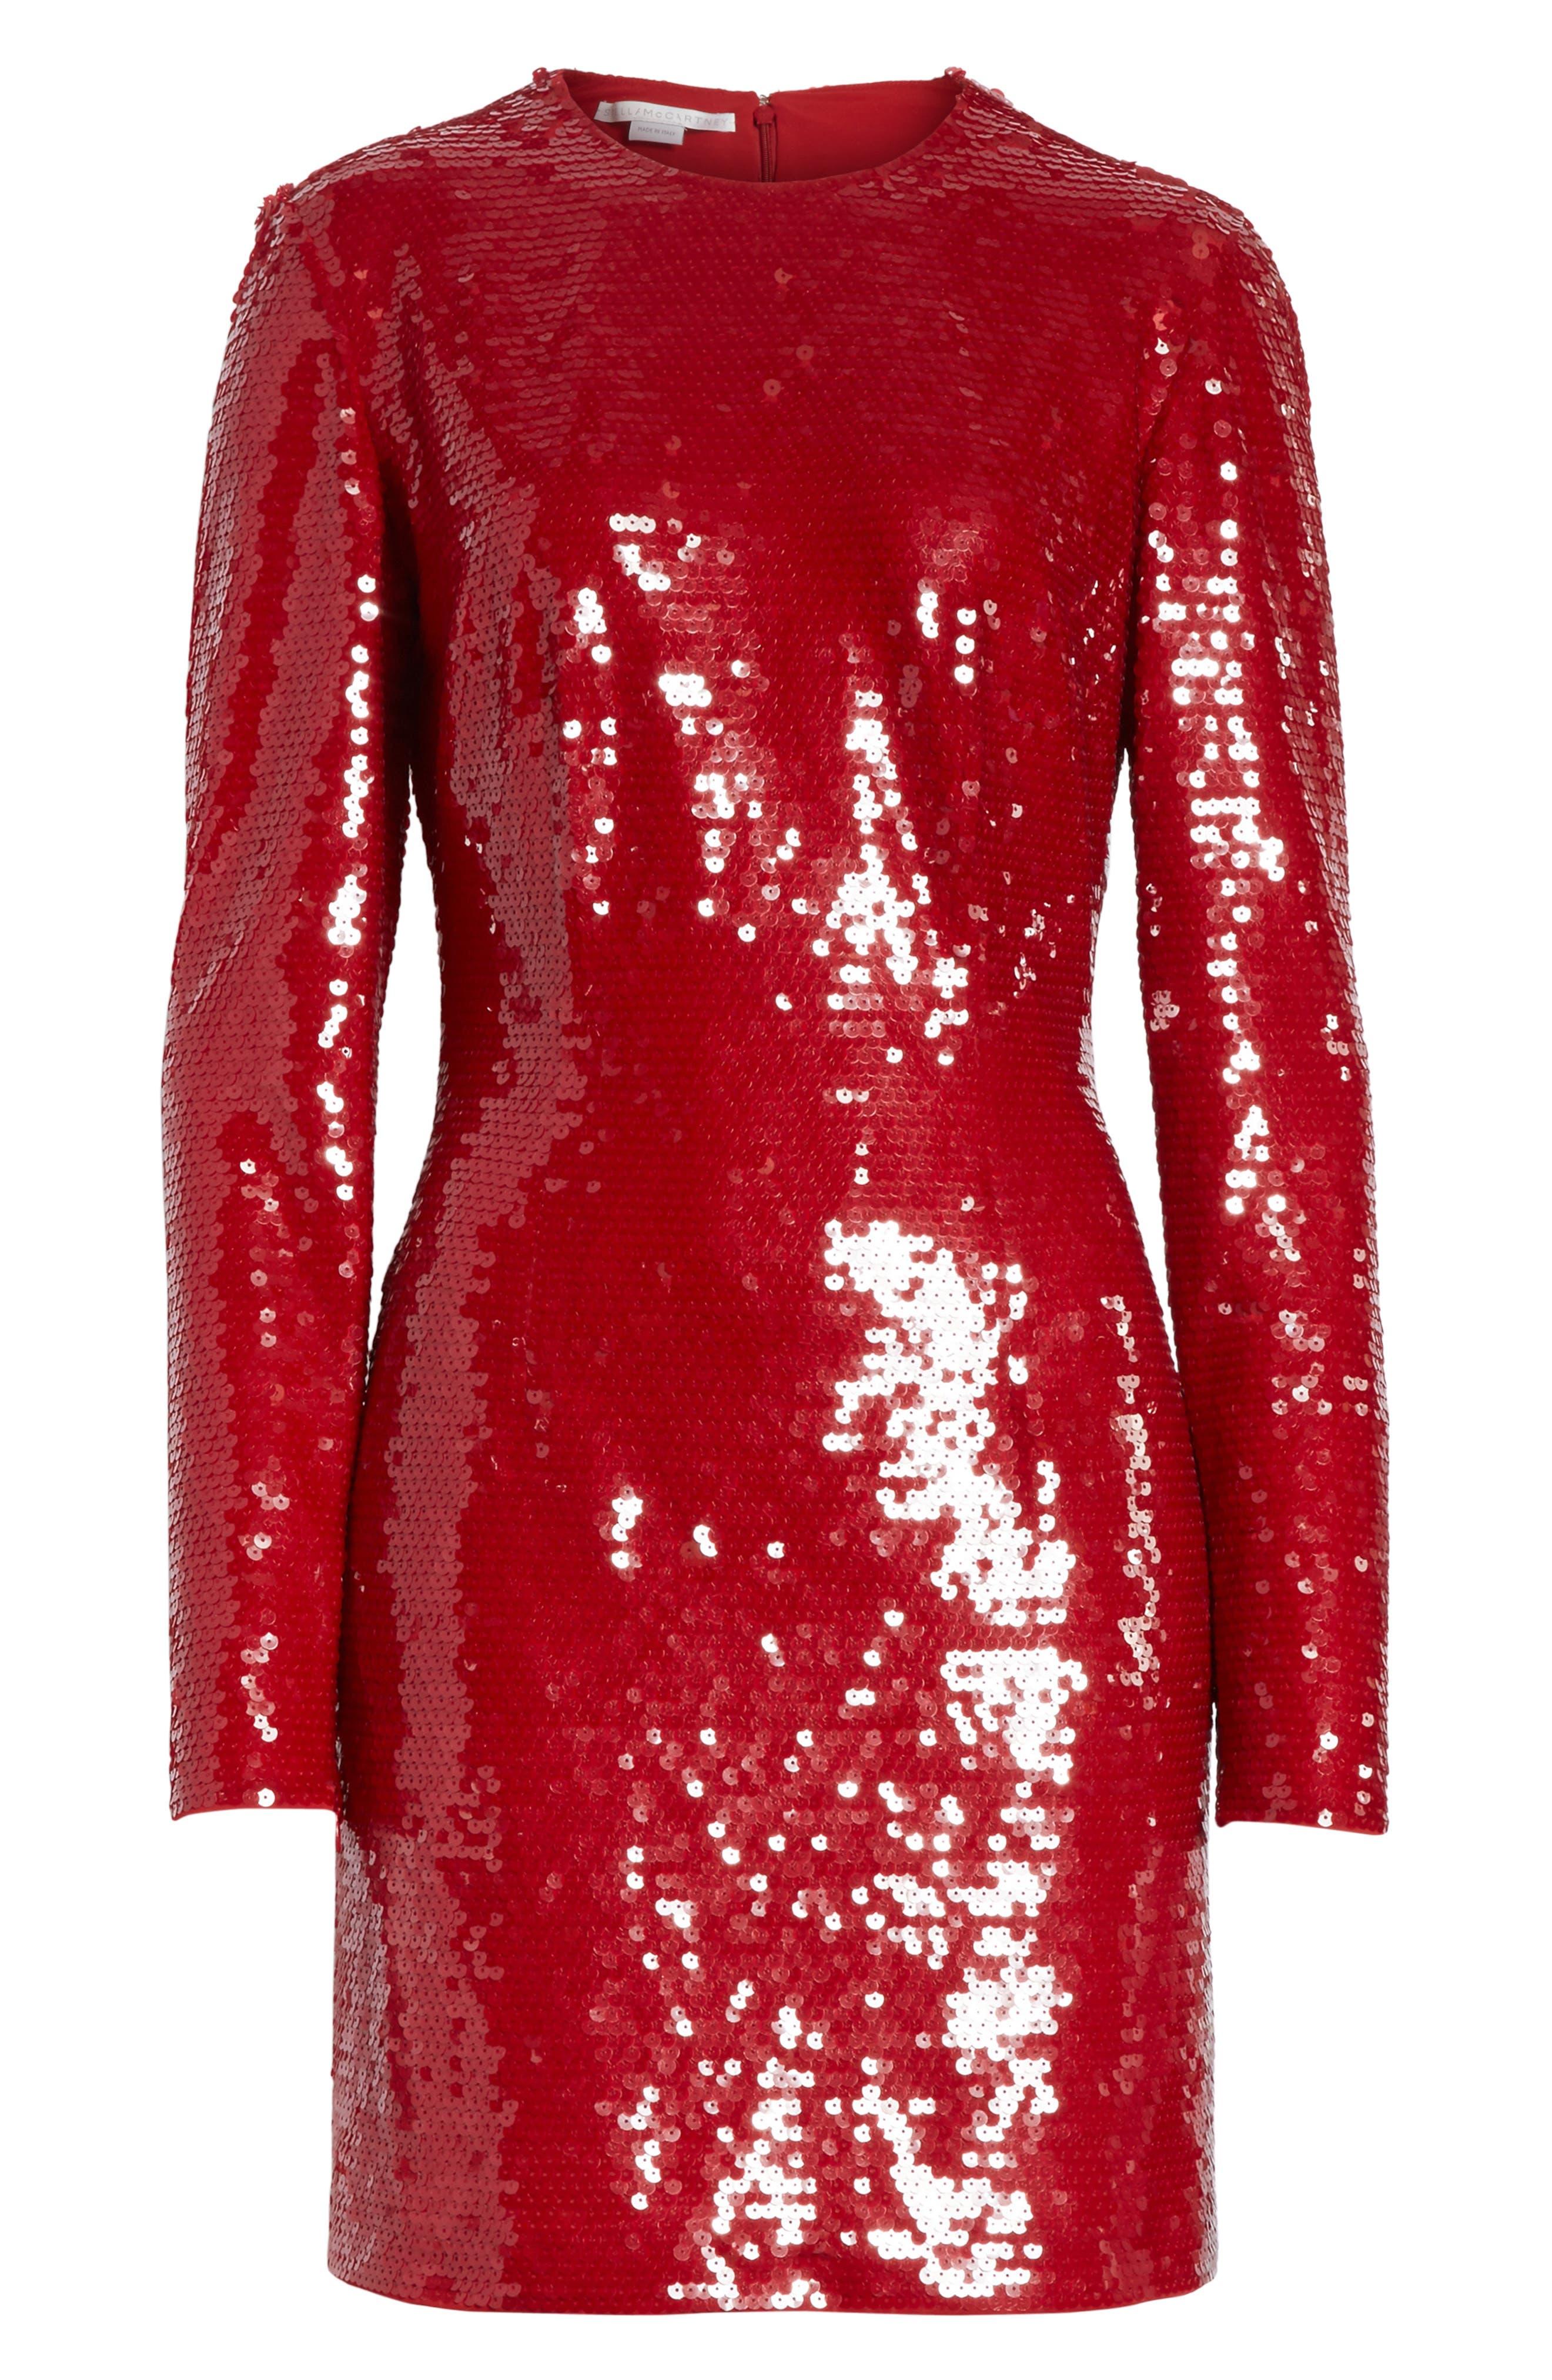 Katie Sequin Dress,                             Alternate thumbnail 6, color,                             600